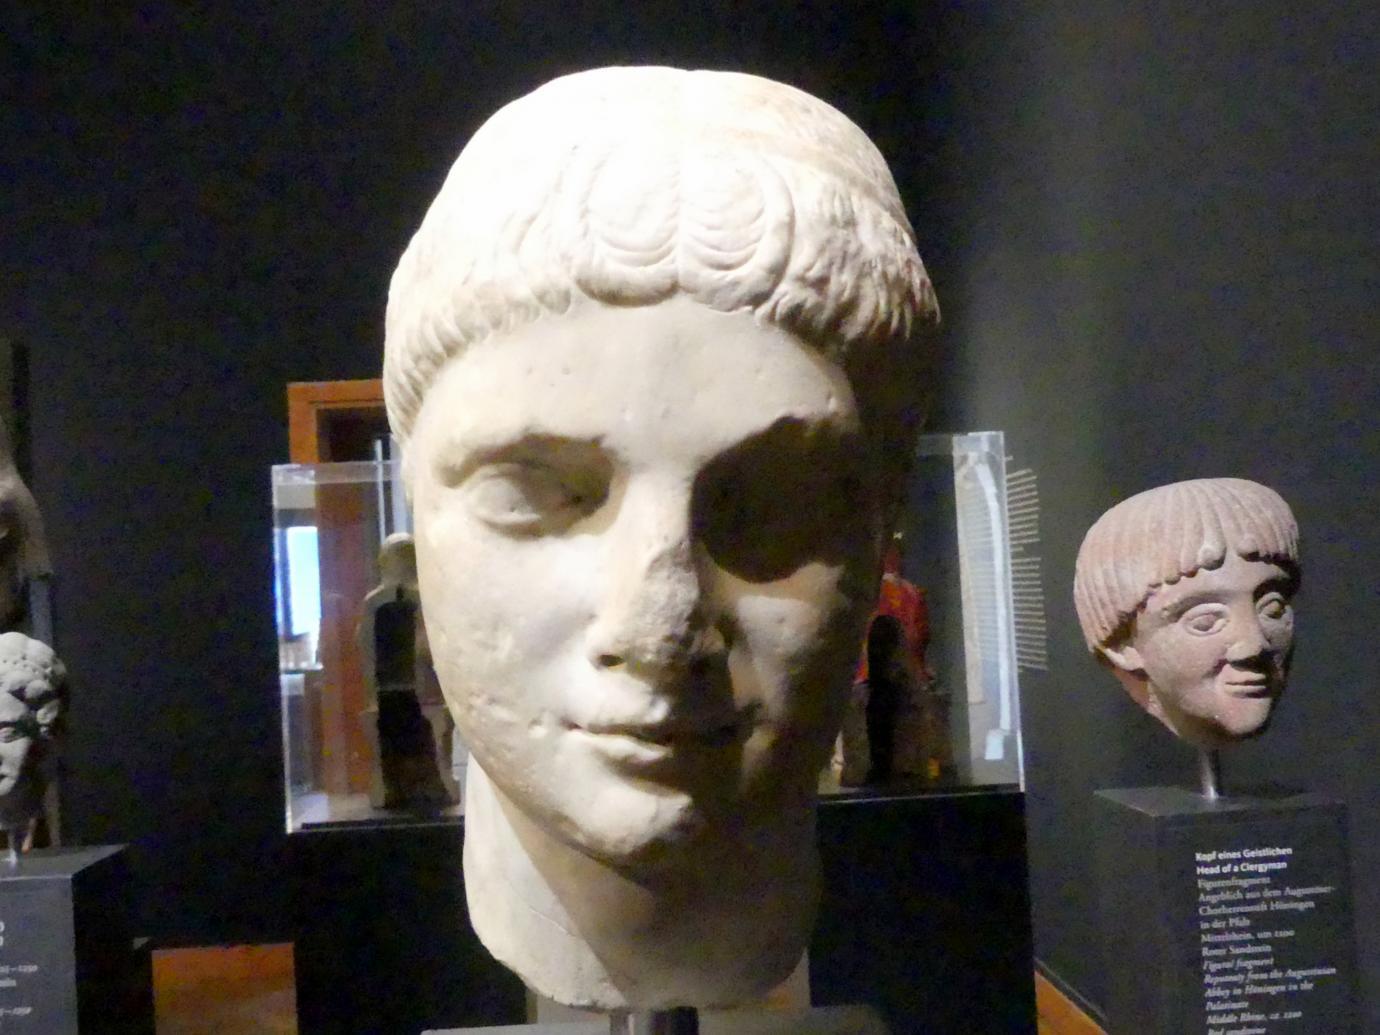 Porträtkopf eines Mannes, Um 1225 - 1250